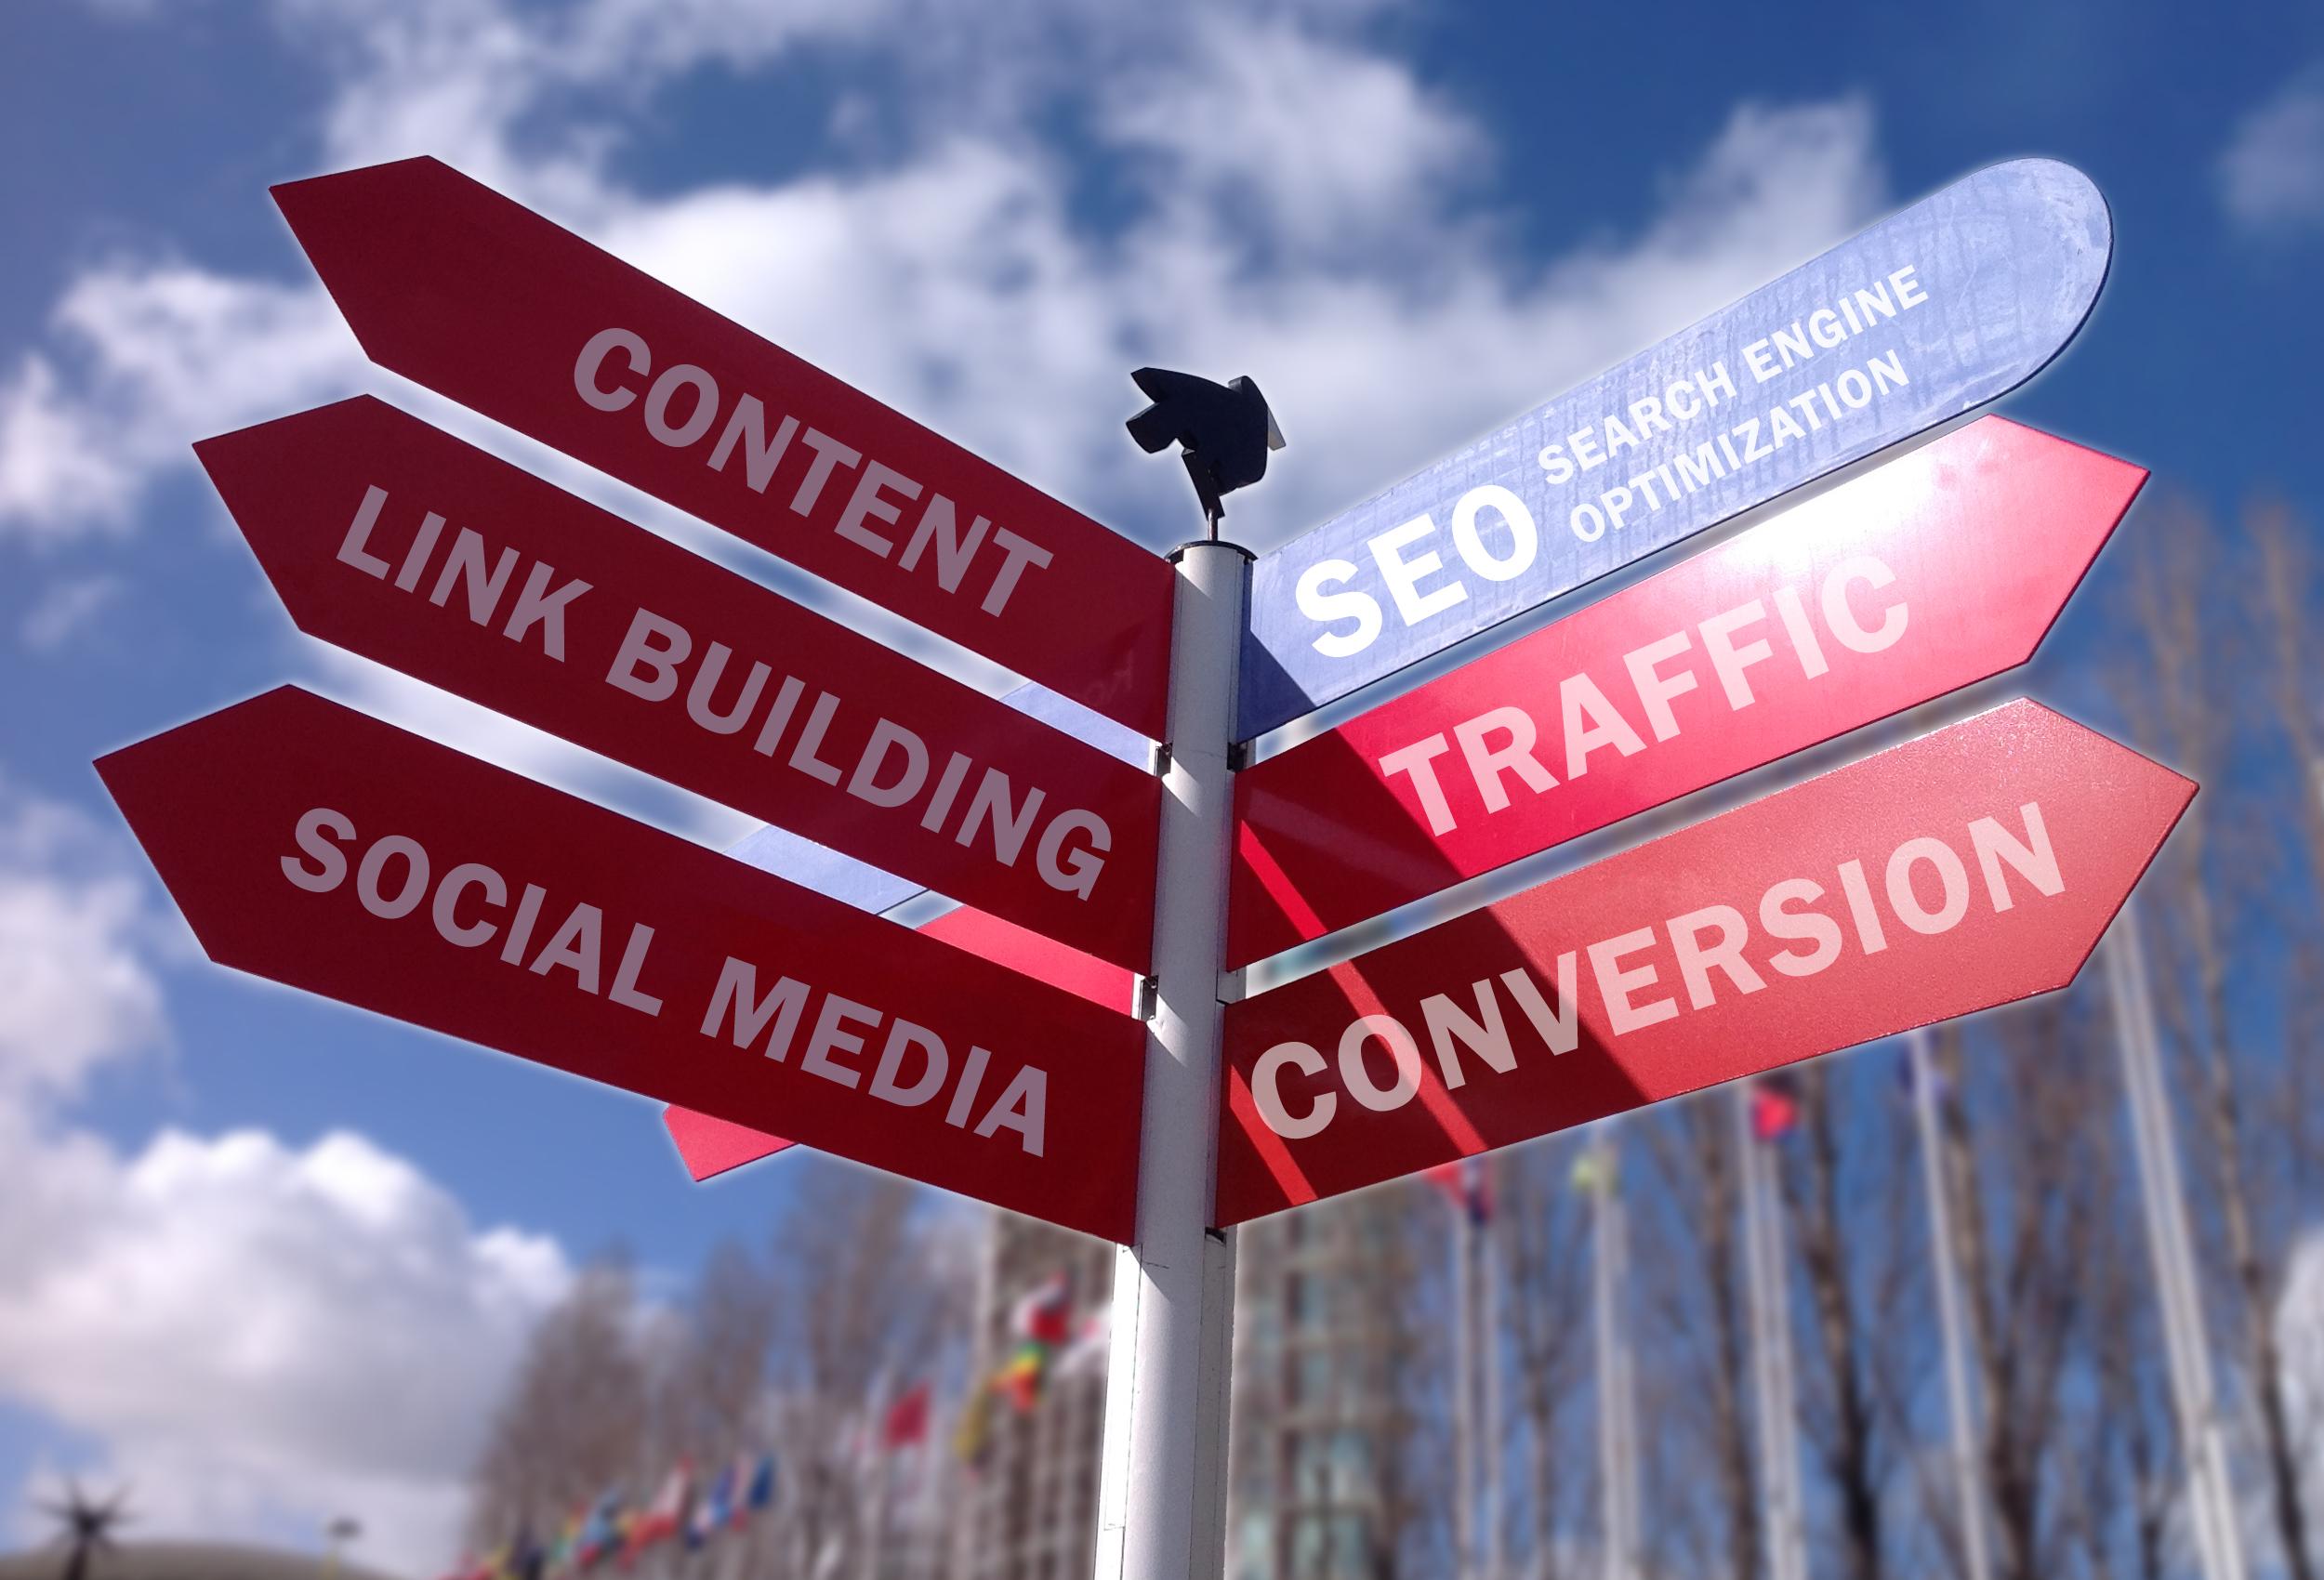 RFP: Social Media / Marketing Services